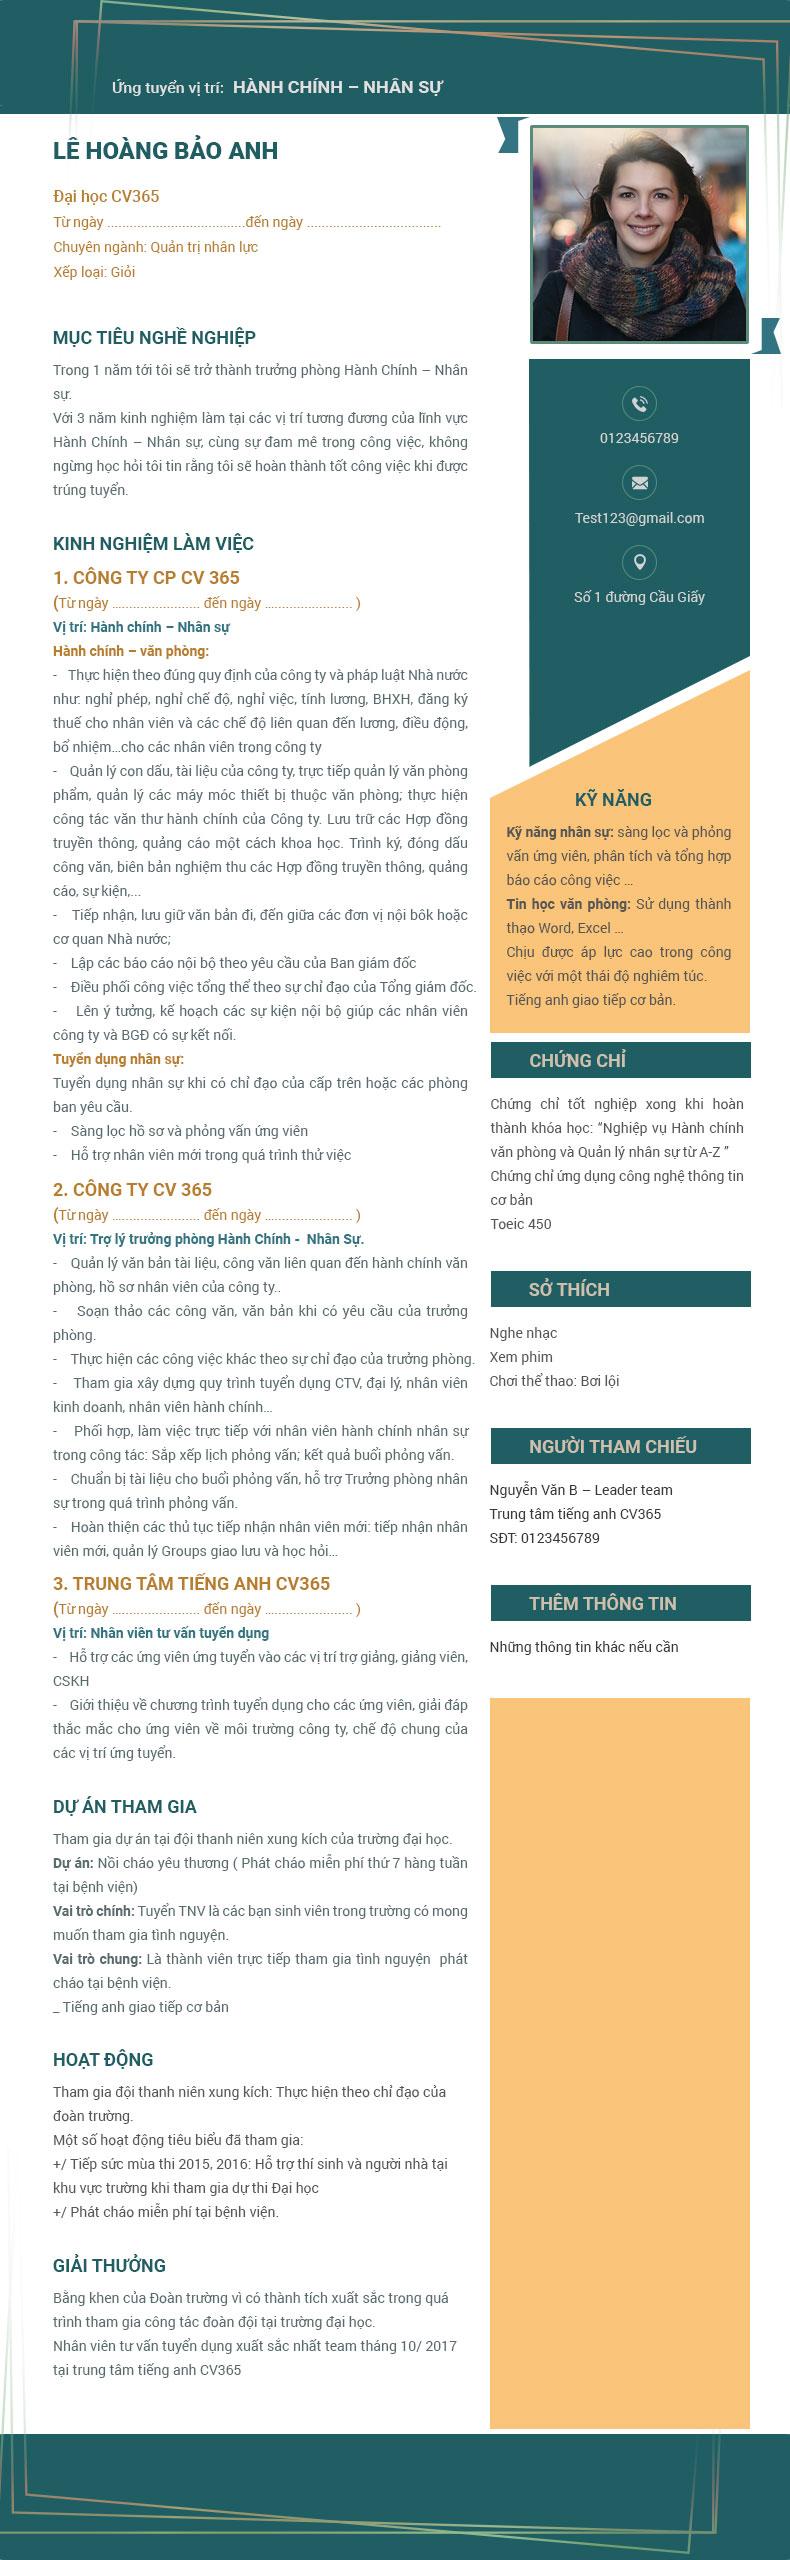 hướng dẫn cách sử dụng câu văn trong cv xin việc tiếng anh